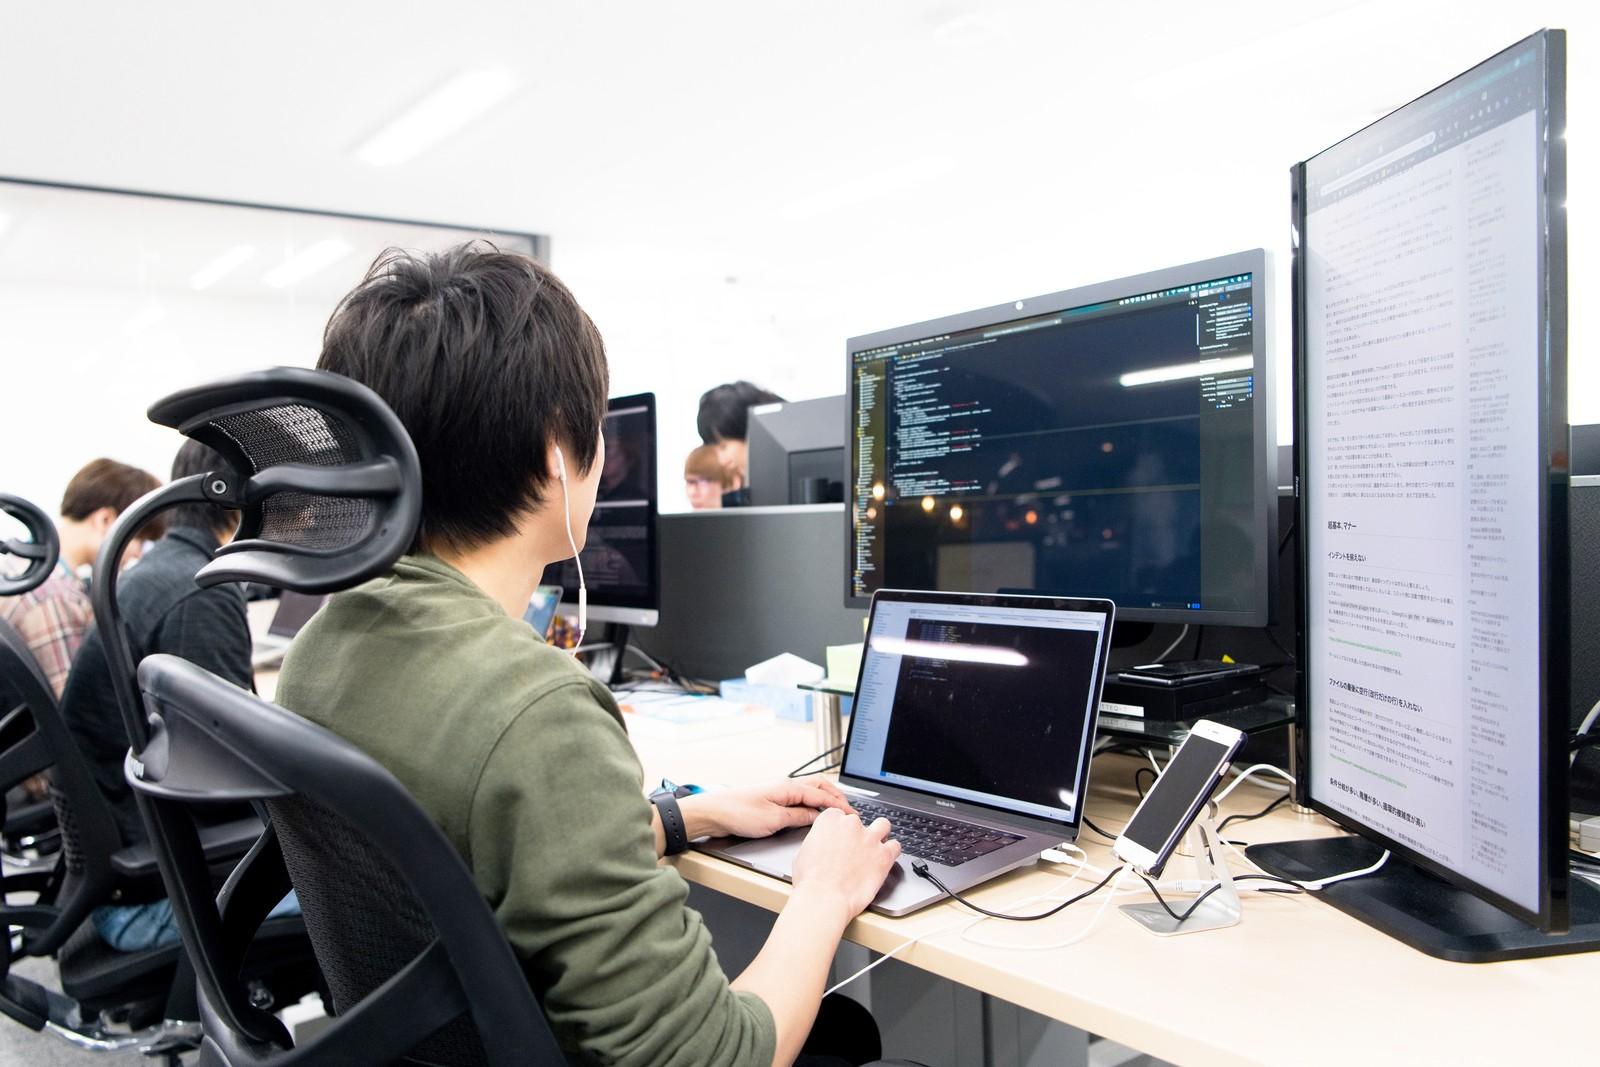 【Unityエンジニア募集】爆速のリリースサイクルでゲームアプリを開発!海外展開中の当社で活躍してください!